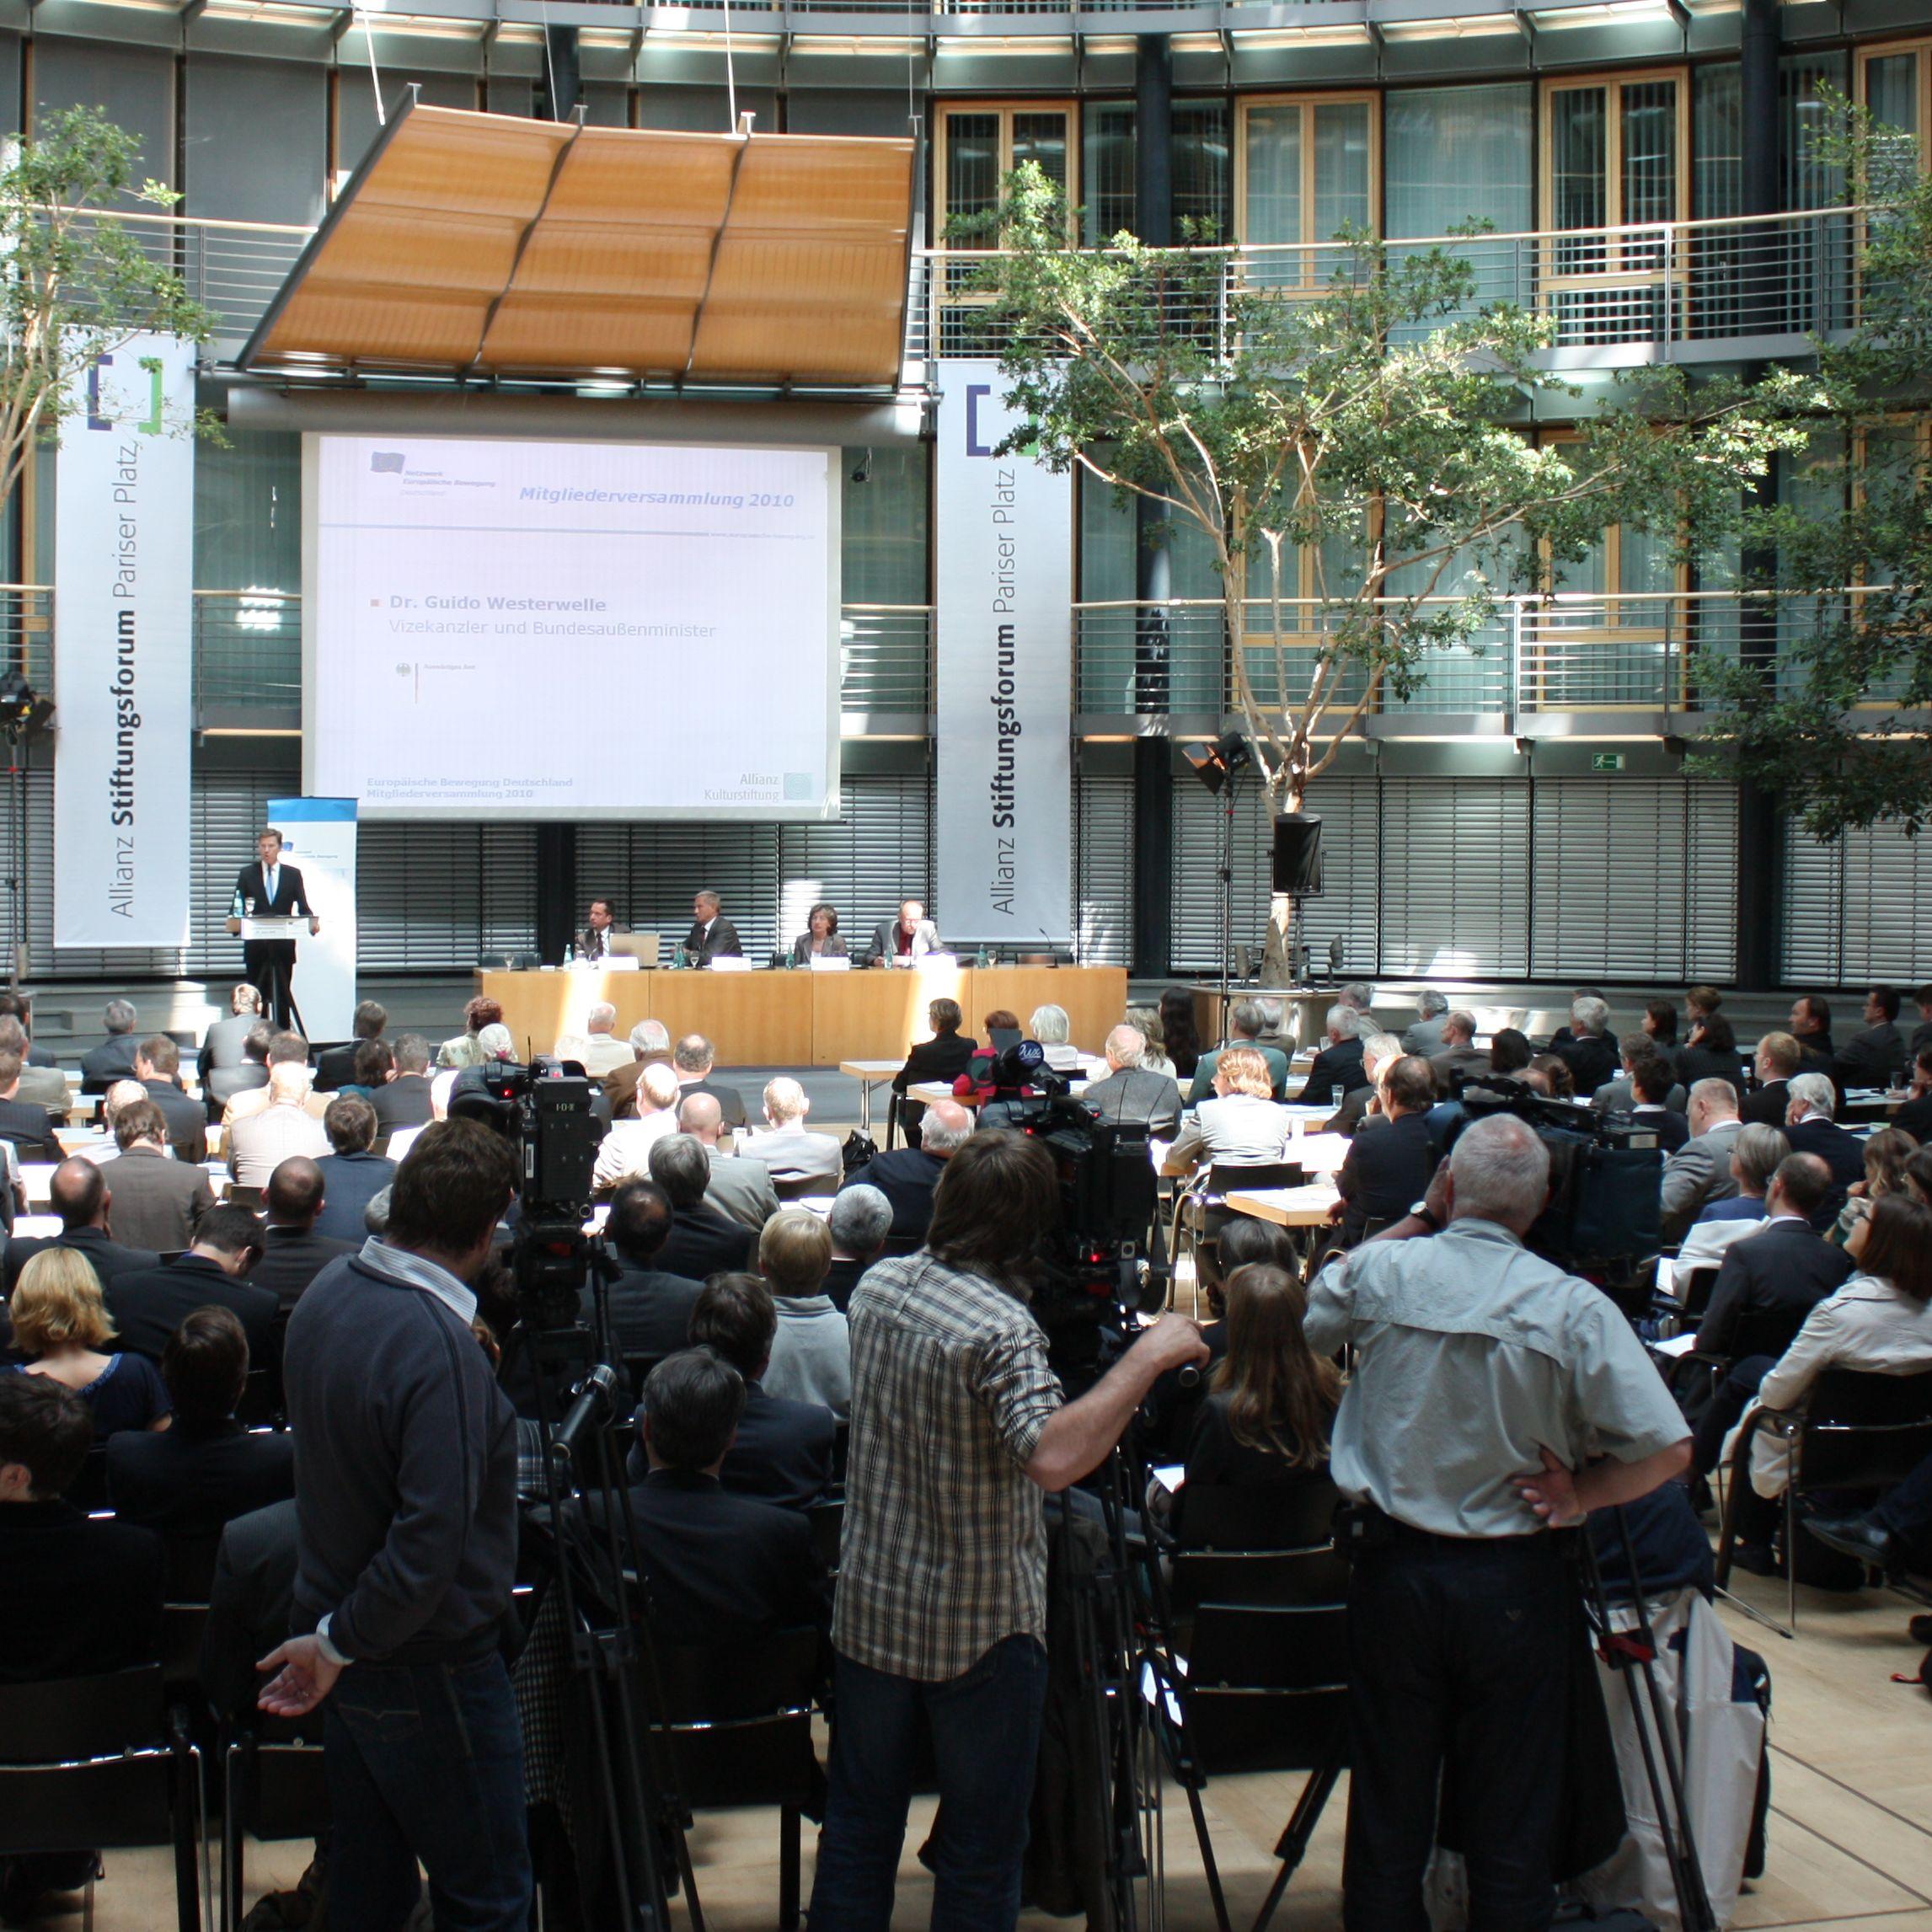 EBD Netzwerk-Tag im Auswärtigen Amt mit über 400 Teilnehmern – Am kommenden Montag, 27. Juni